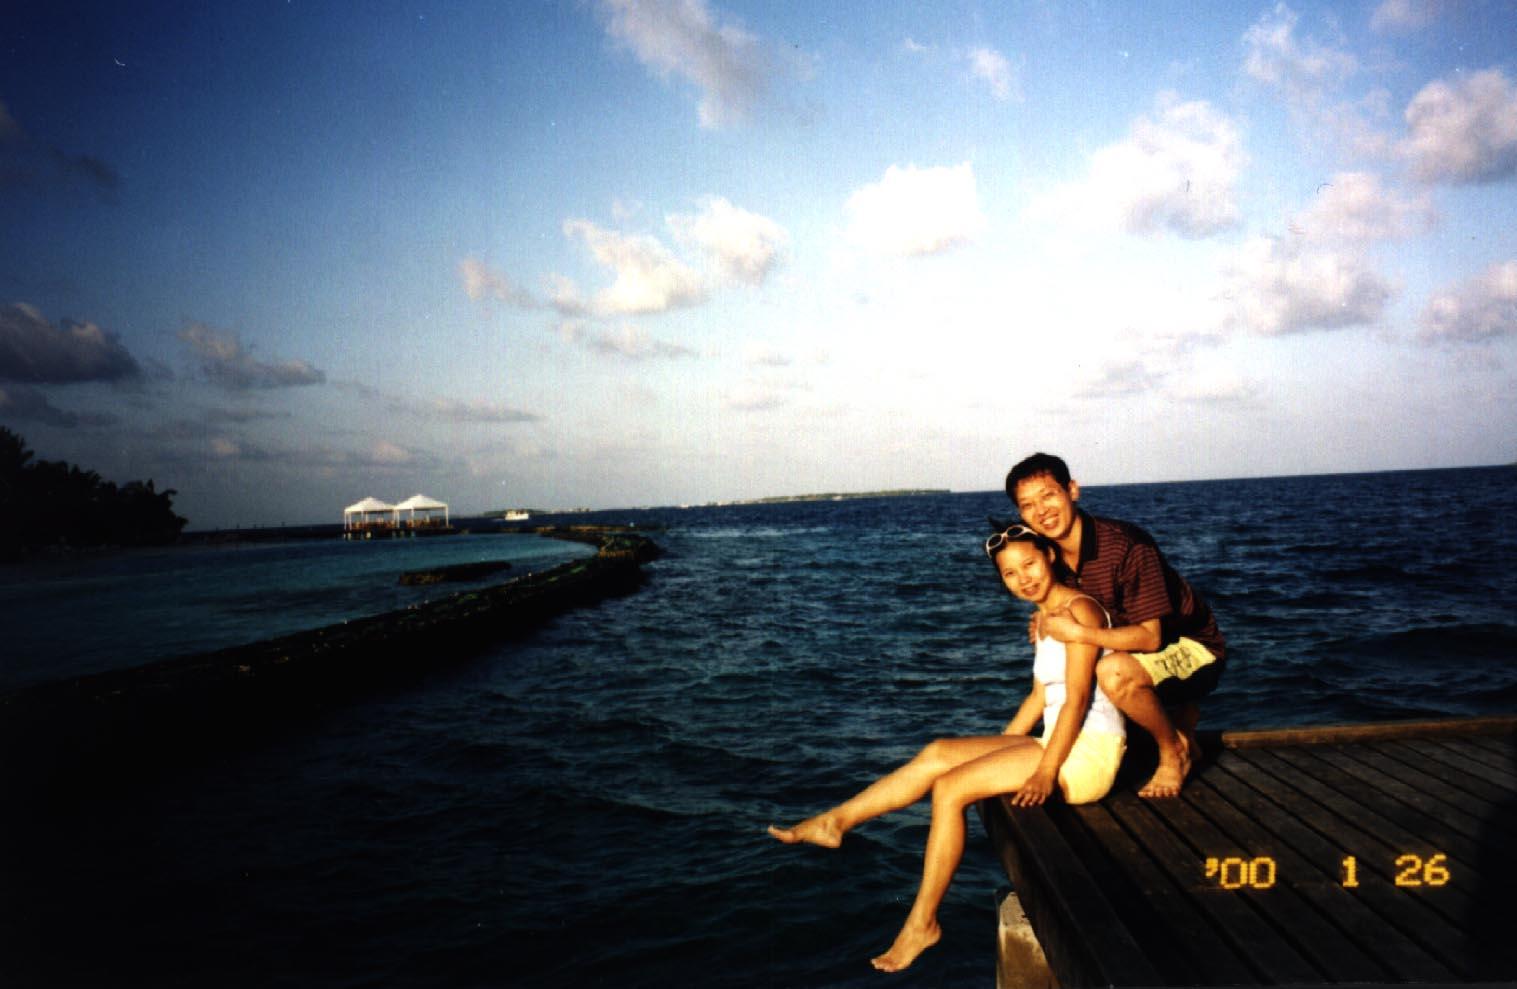 马尔代夫在哪个国家_马尔代夫属于哪个国家_马尔代夫在哪里_旅游